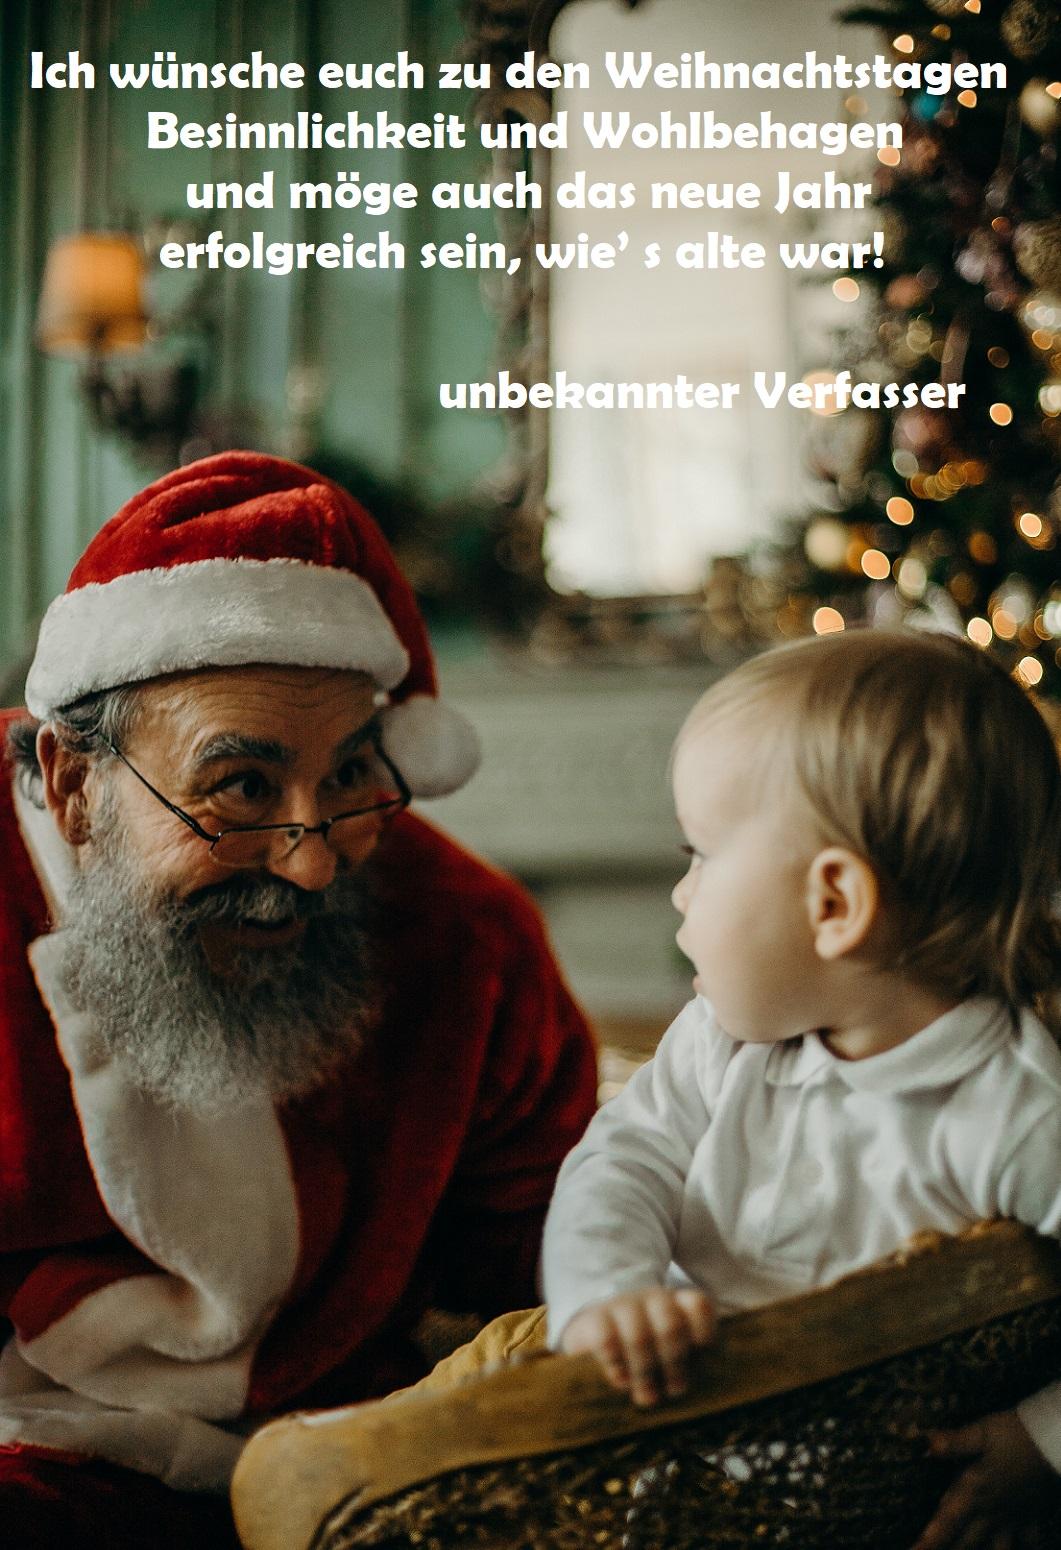 Weihnachtswünsche Bild 24